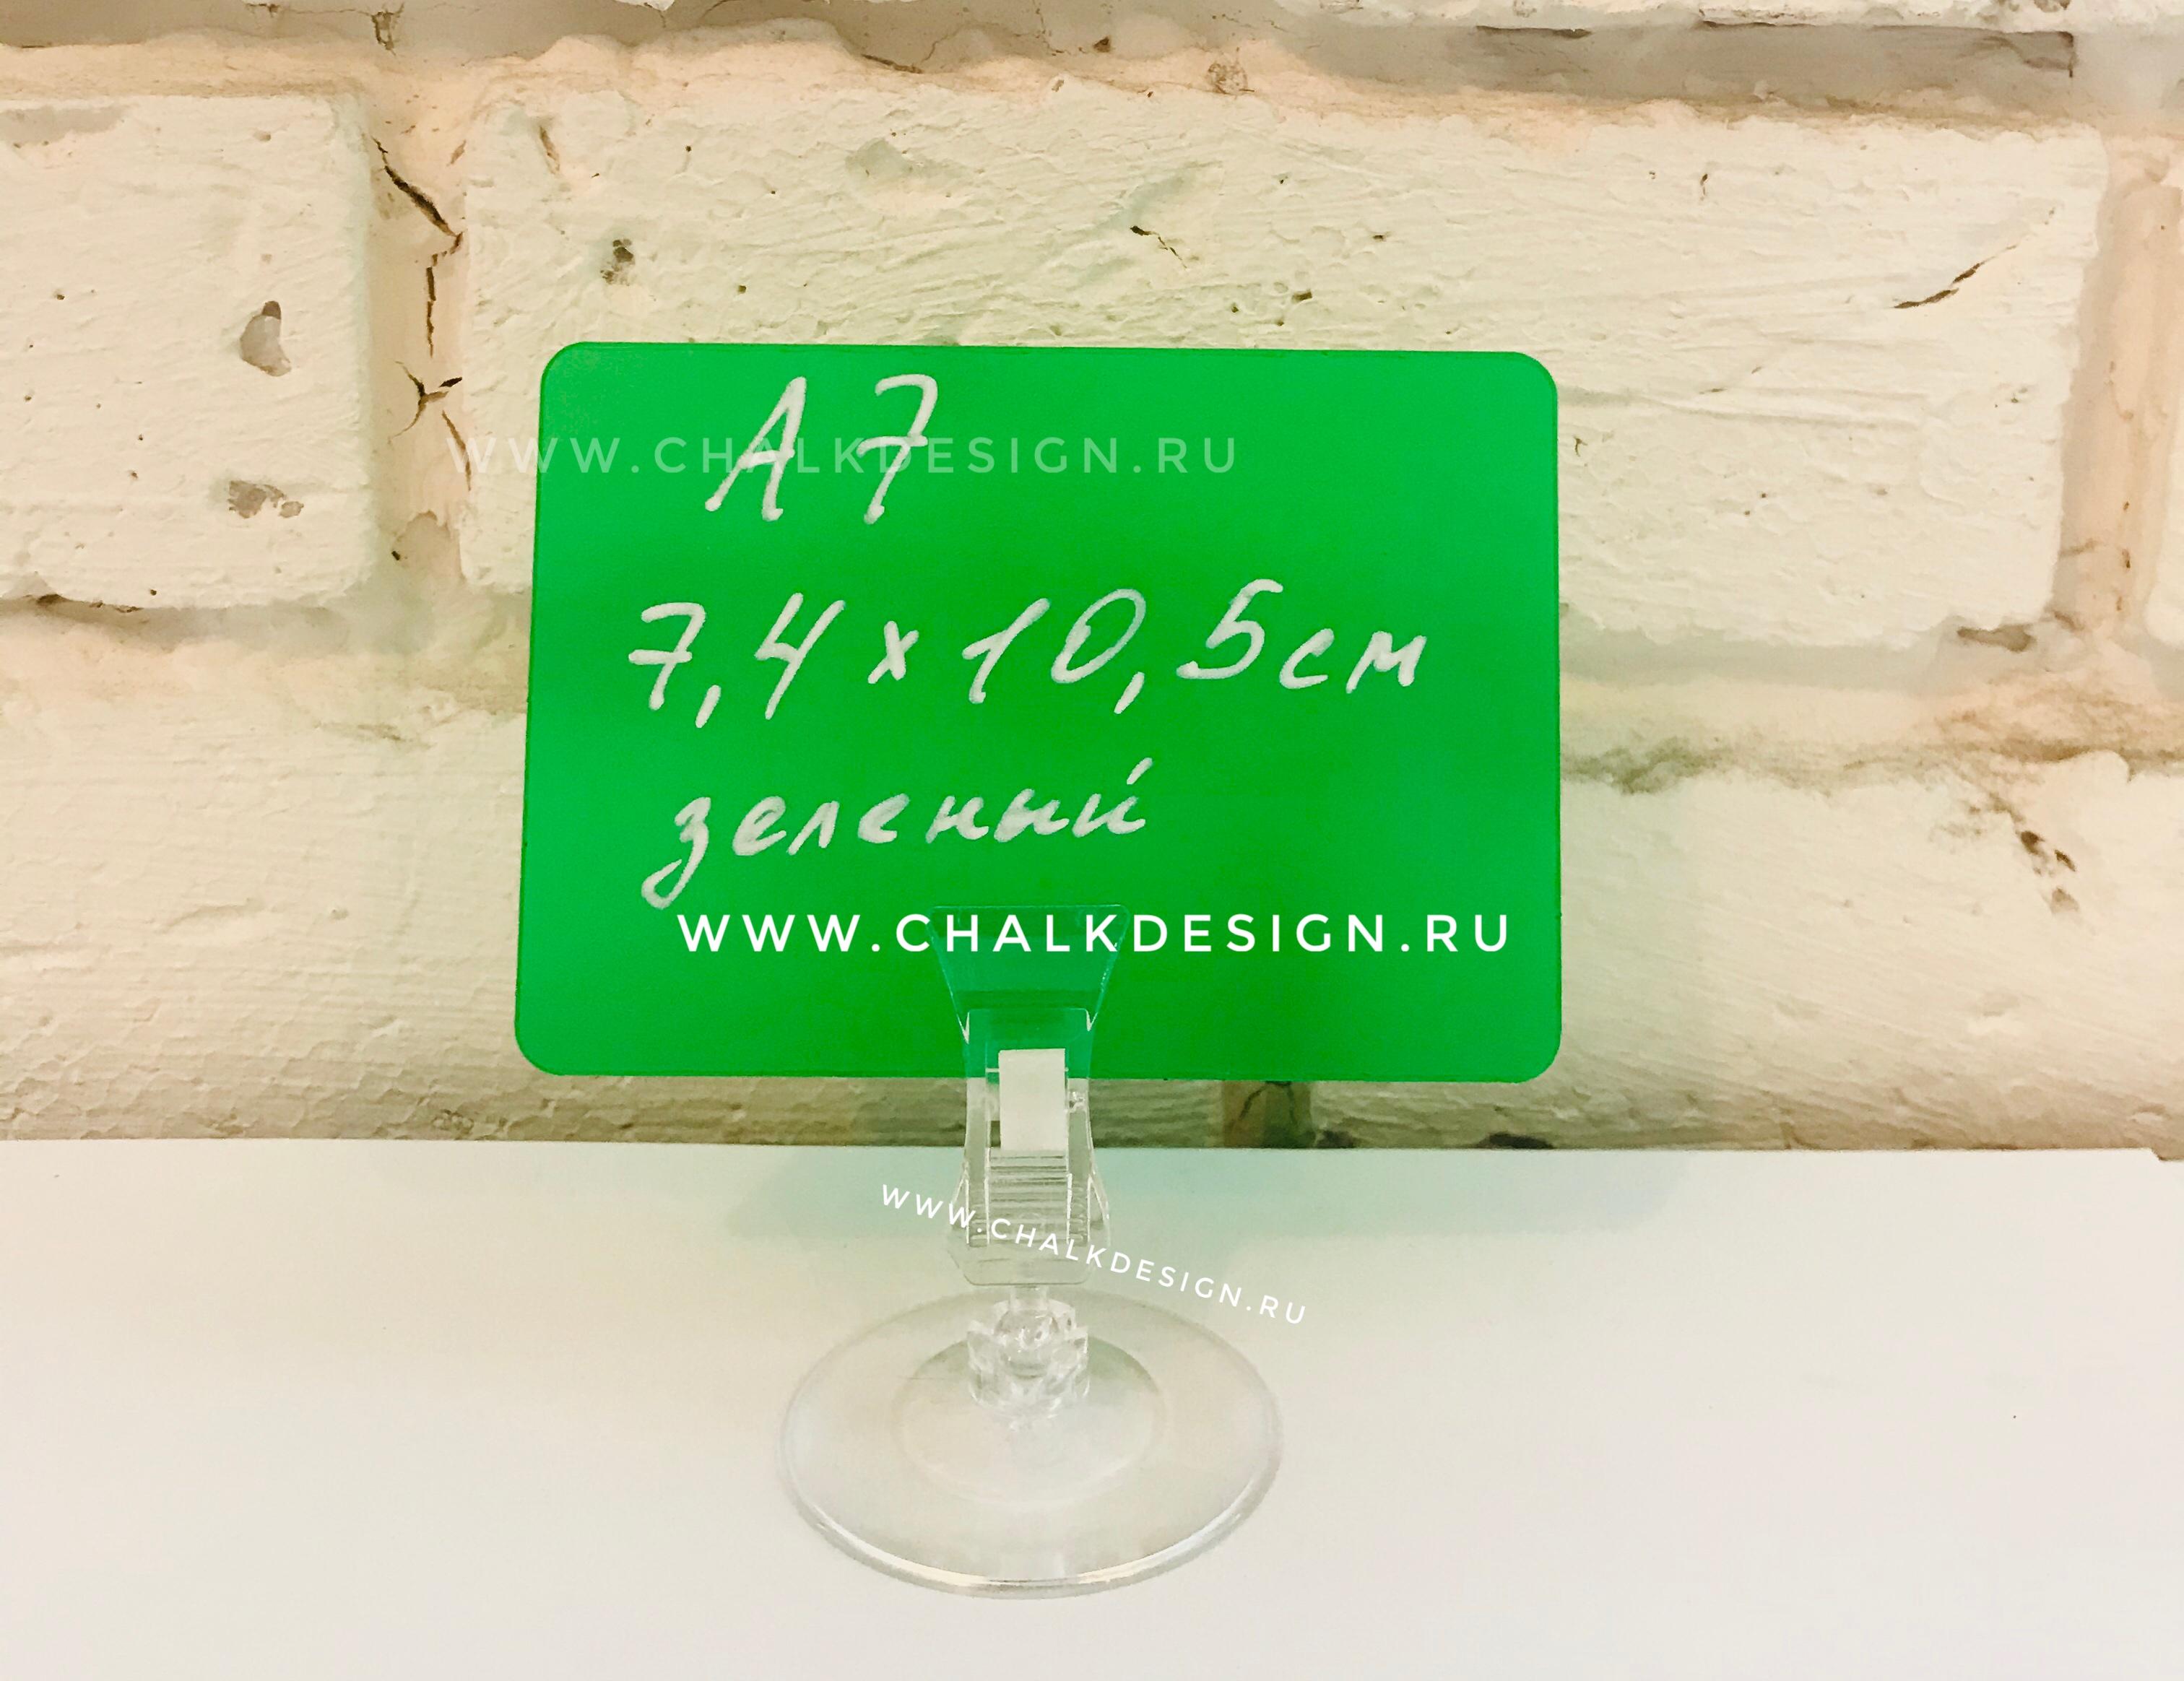 Зеленый меловой ценник.jpg